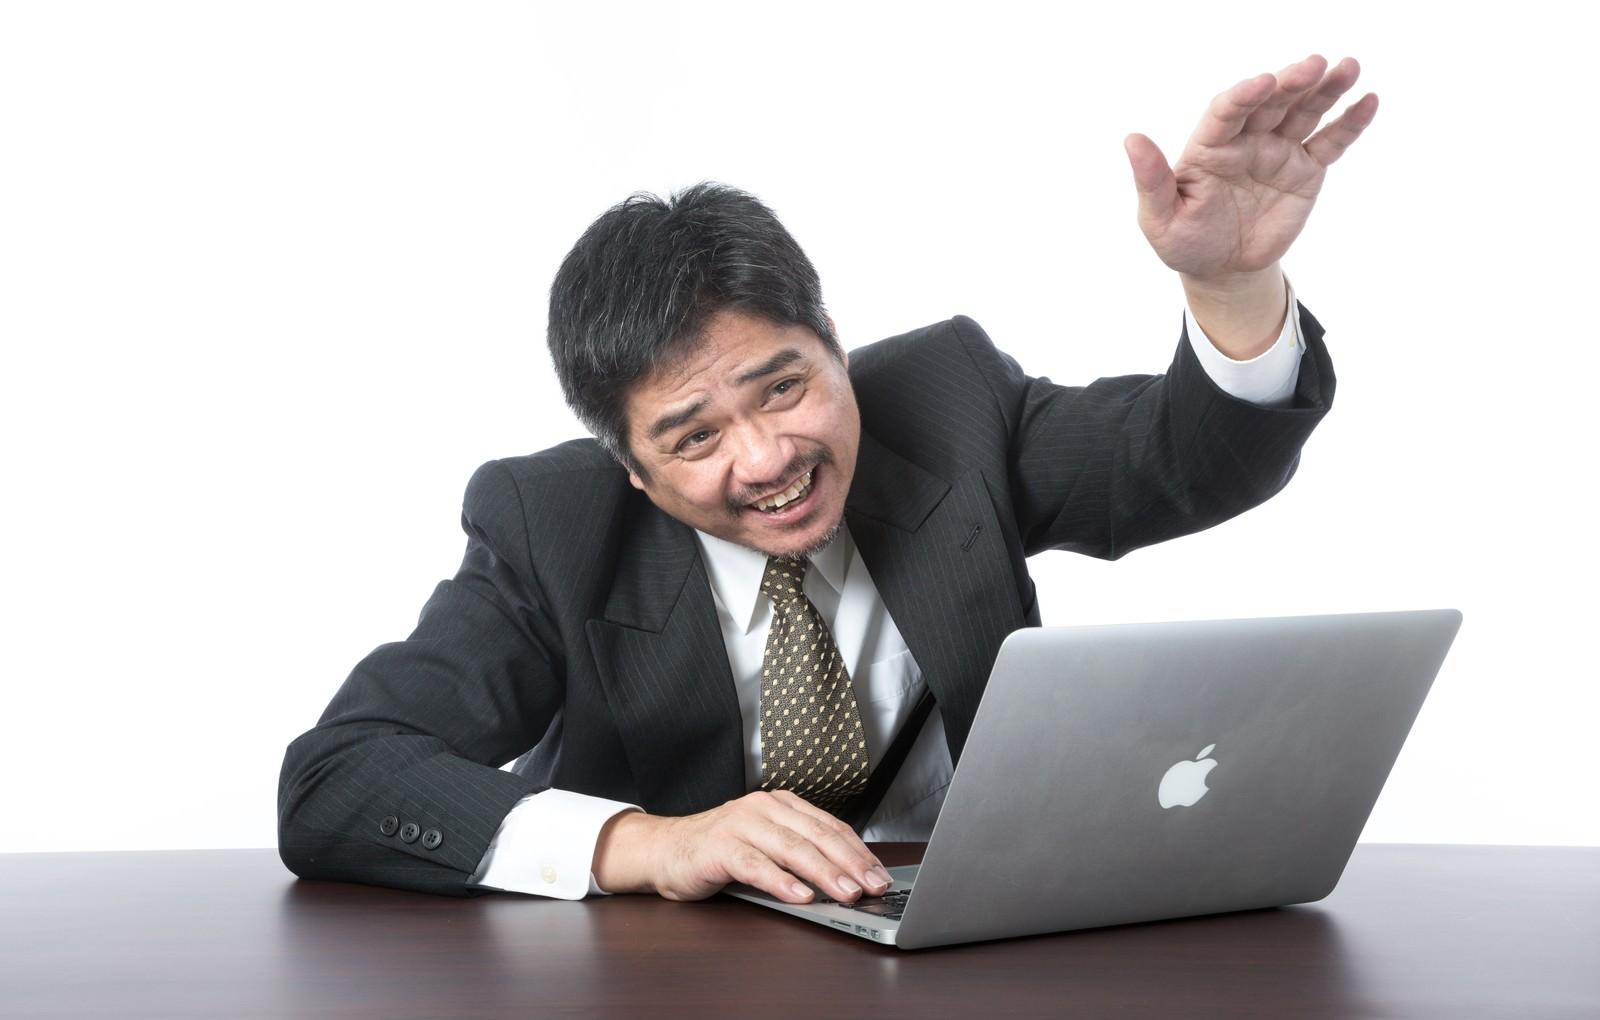 「(何もやっていないのにパソコン動かなくなった)部下に助けを求める上司(何もやっていないのにパソコン動かなくなった)部下に助けを求める上司」[モデル:よたか]のフリー写真素材を拡大